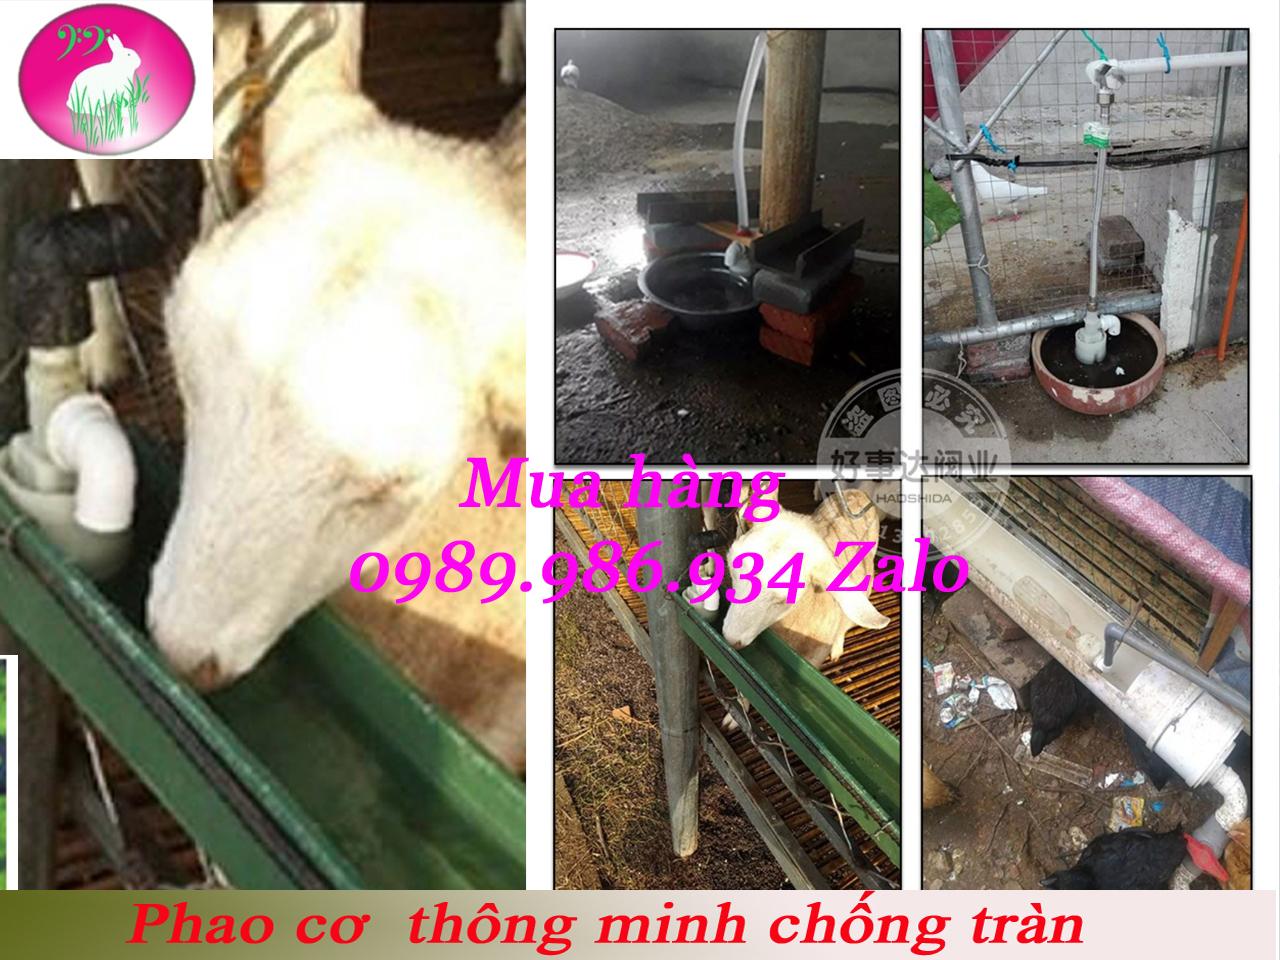 van-phao-chong-tran-jpg.45047